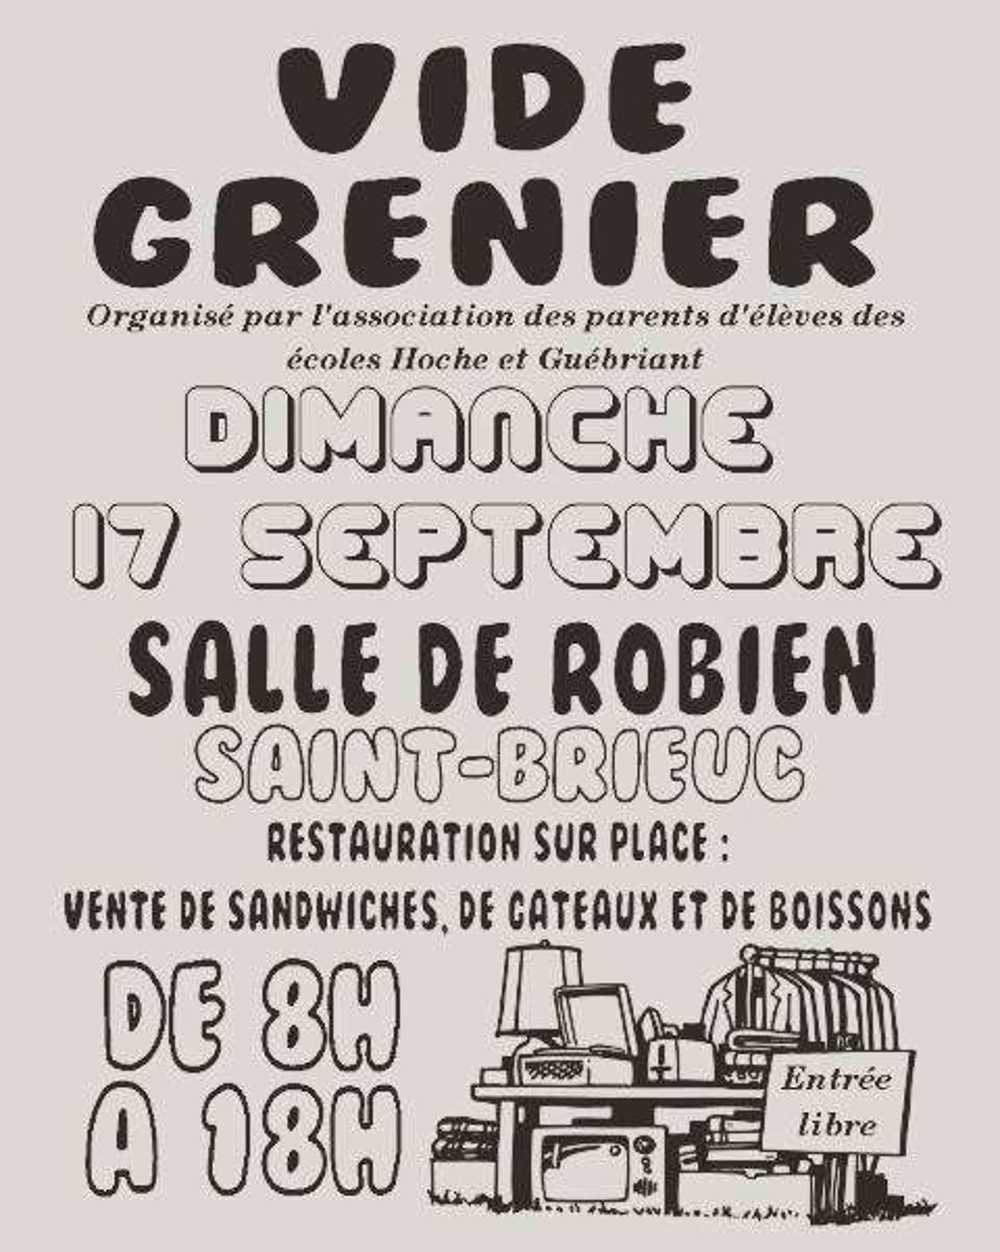 Vide grenier des écoles Hoche et Guébriand le 17 septembre 2017 2124556810154996364882894799595082n